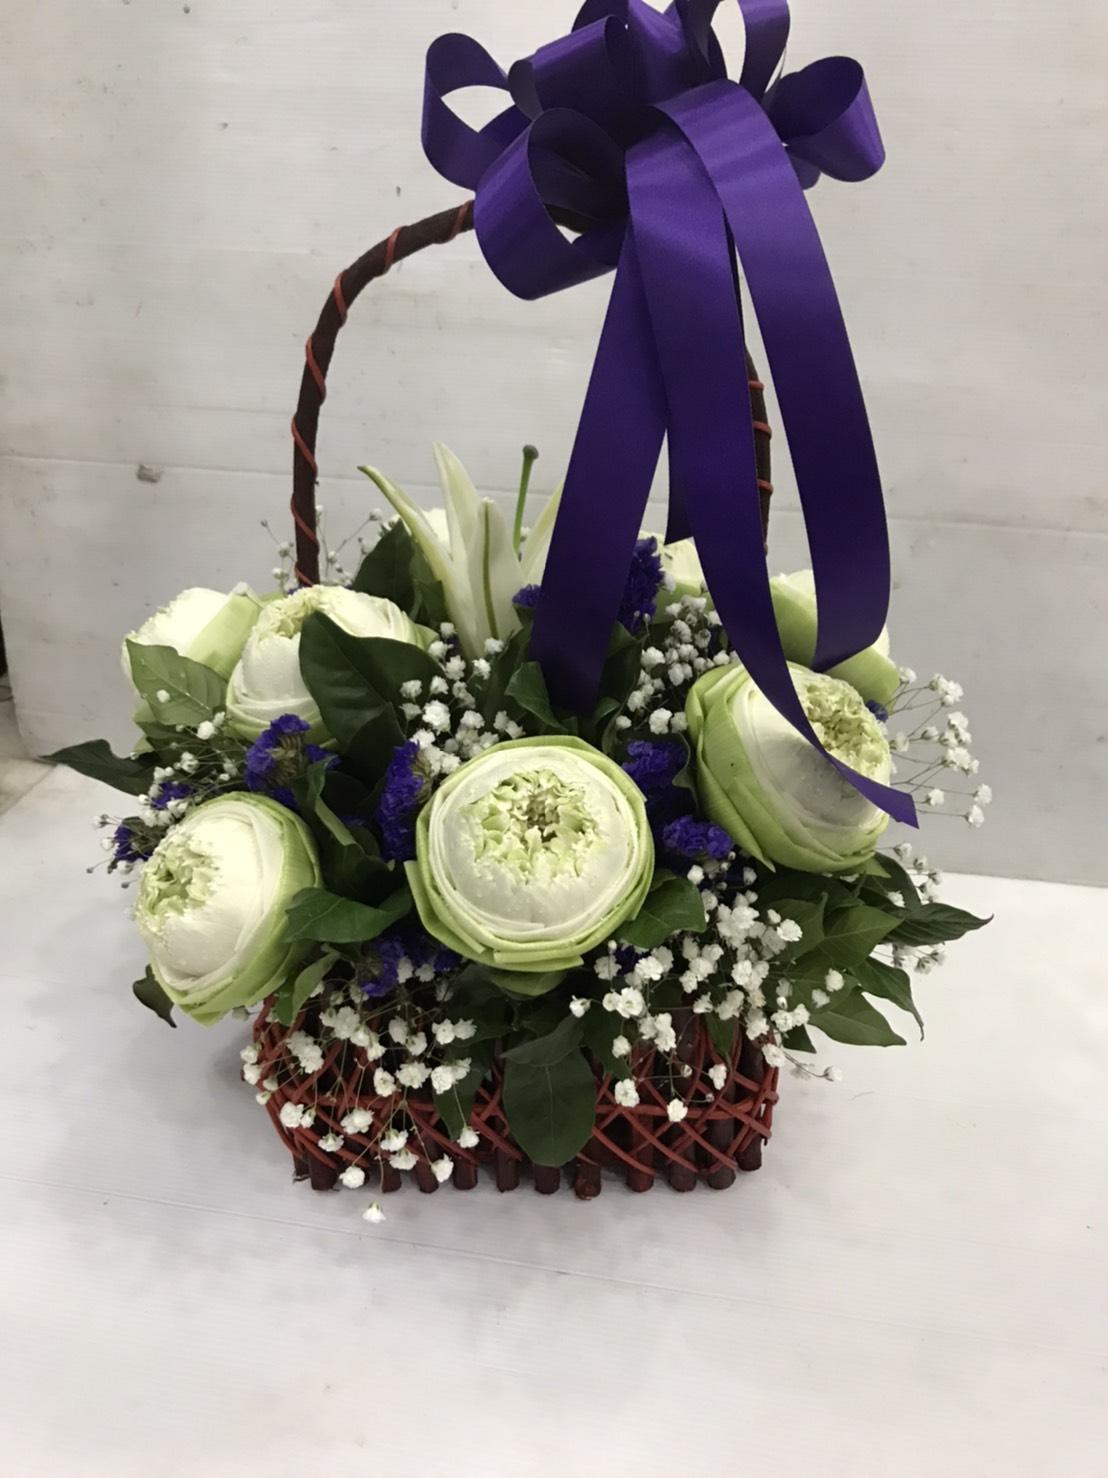 กระเช้าดอกไม้ที่สื่อความหมายได้ดี เหมาะแก่การให้ผู้หลักผู้ใหญ่สุด ๆ